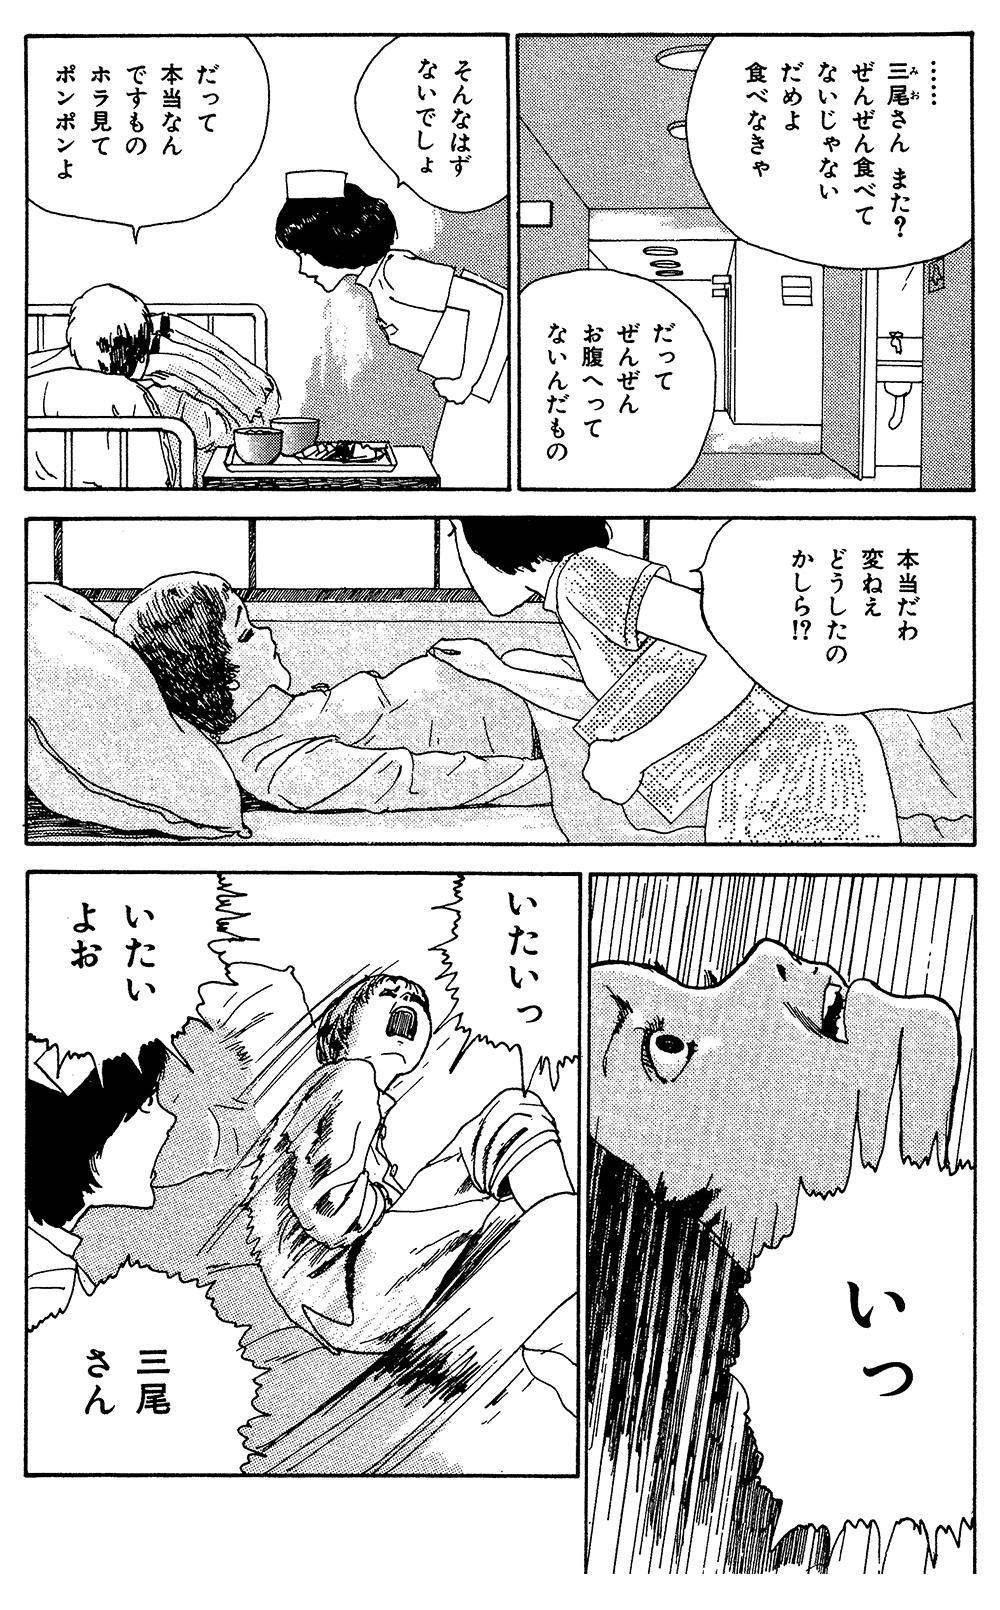 伊藤潤二傑作集 第2話「富江 森田病院編」②itojunji05-12.jpg